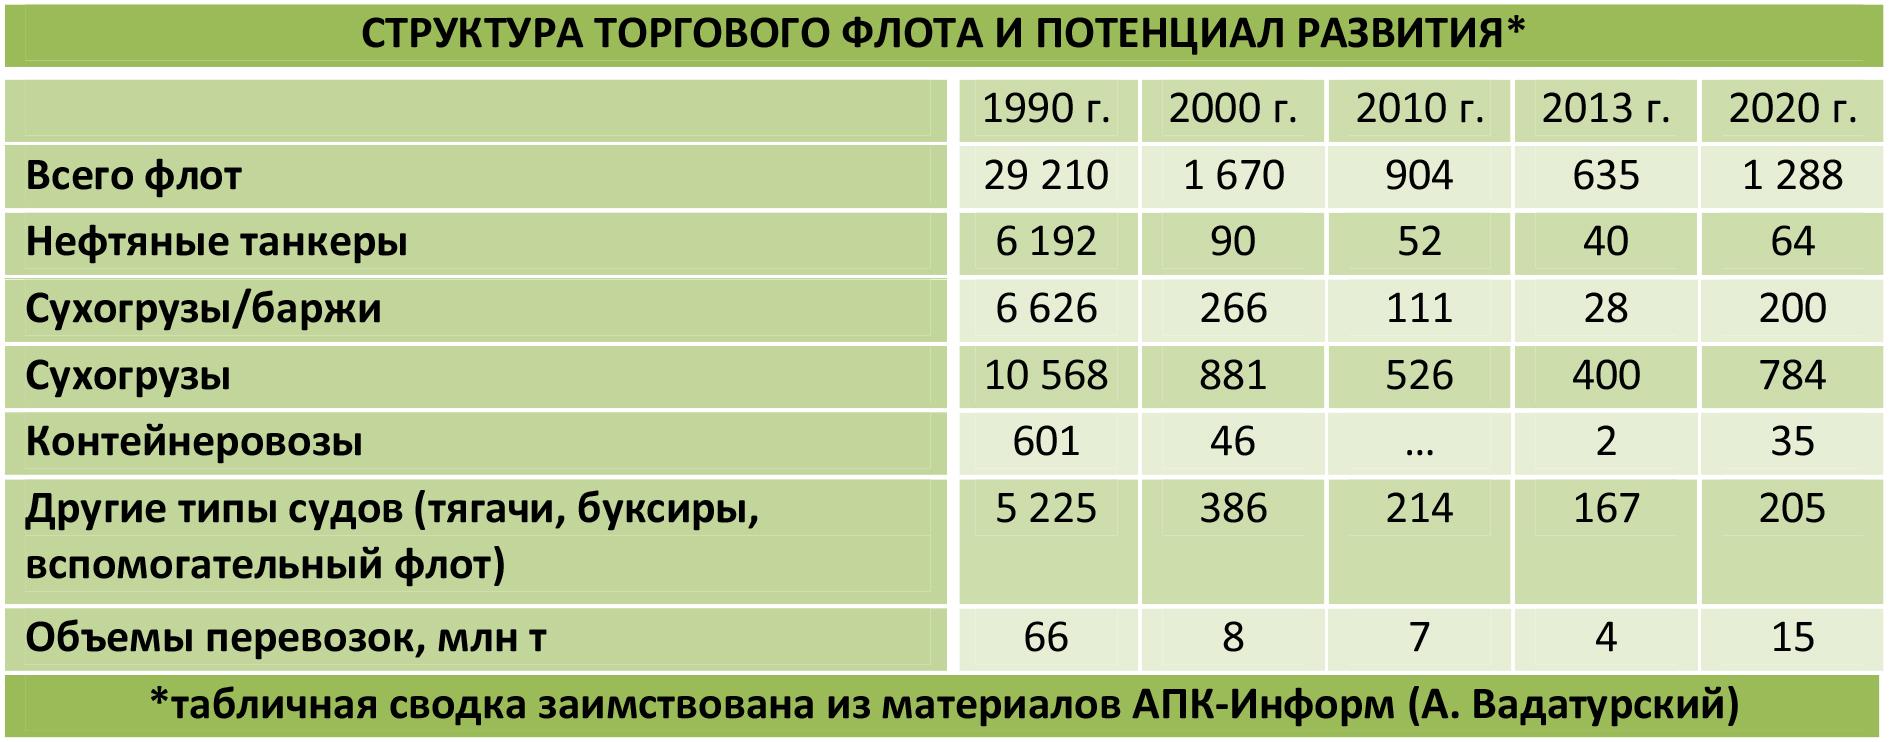 Таблица Украинского флота и объемы перевалки начиная с 1990г.